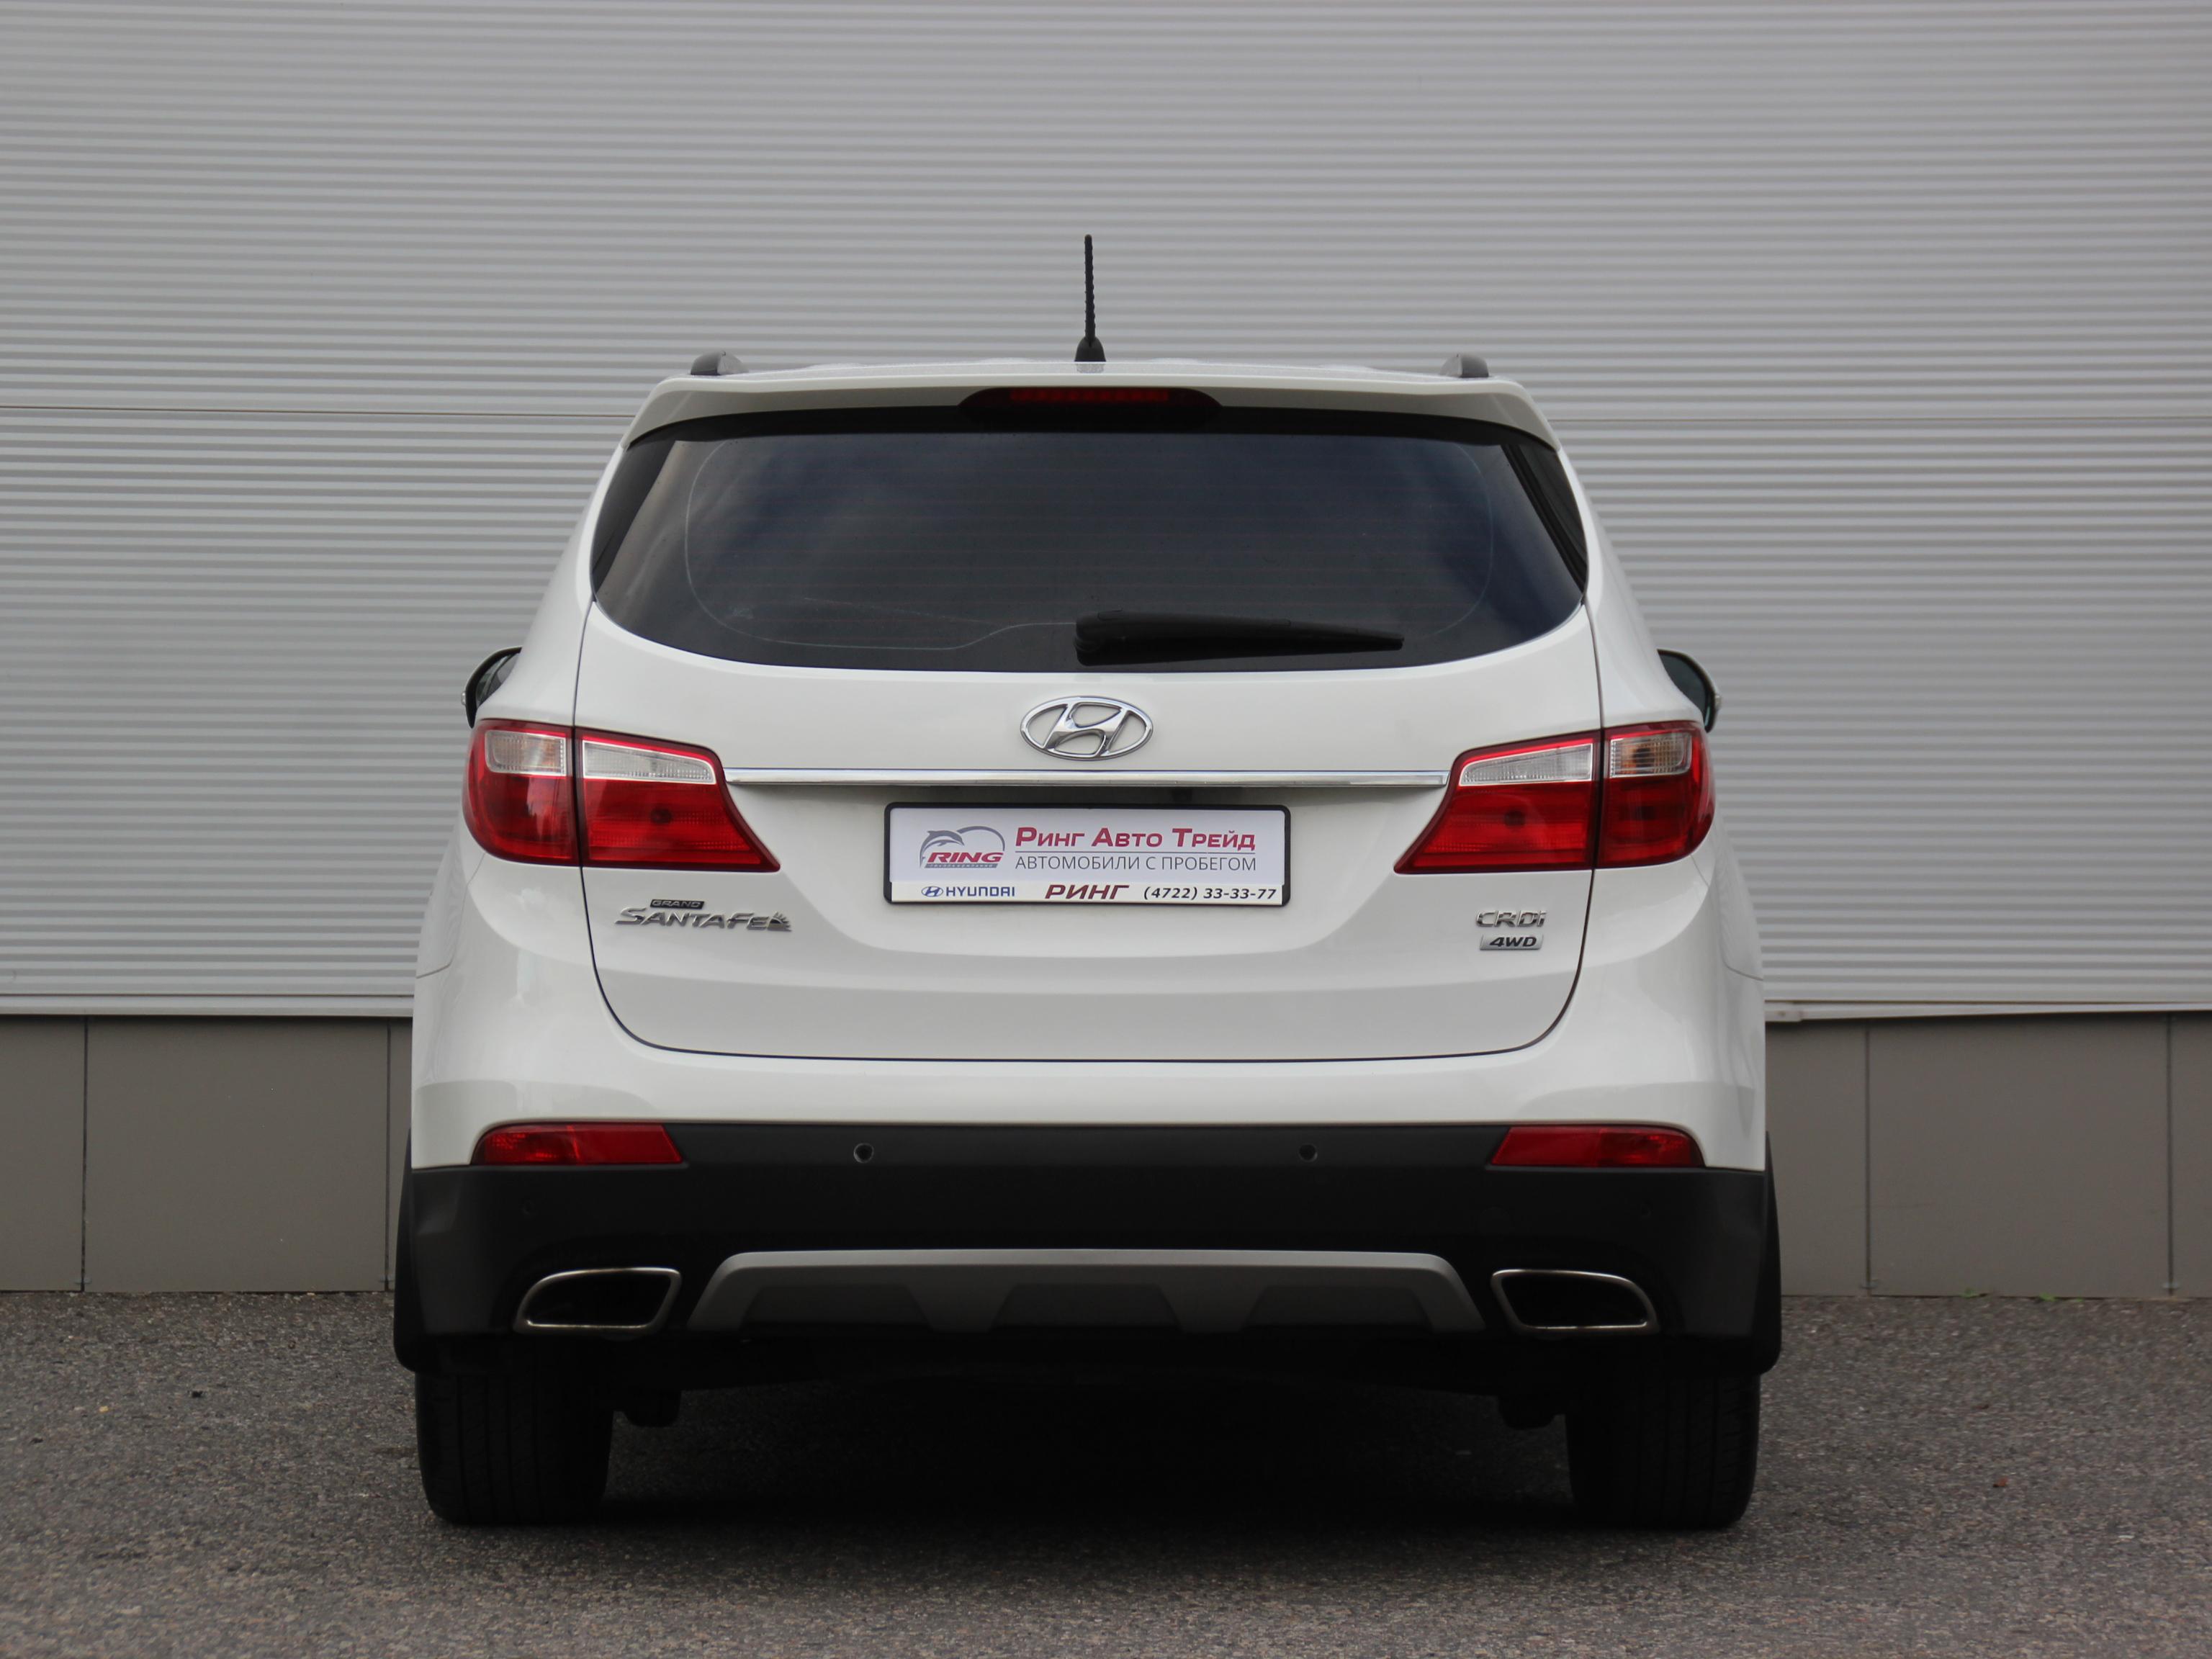 Hyundai Grand Santa Fe Внедорожник (2015г.)